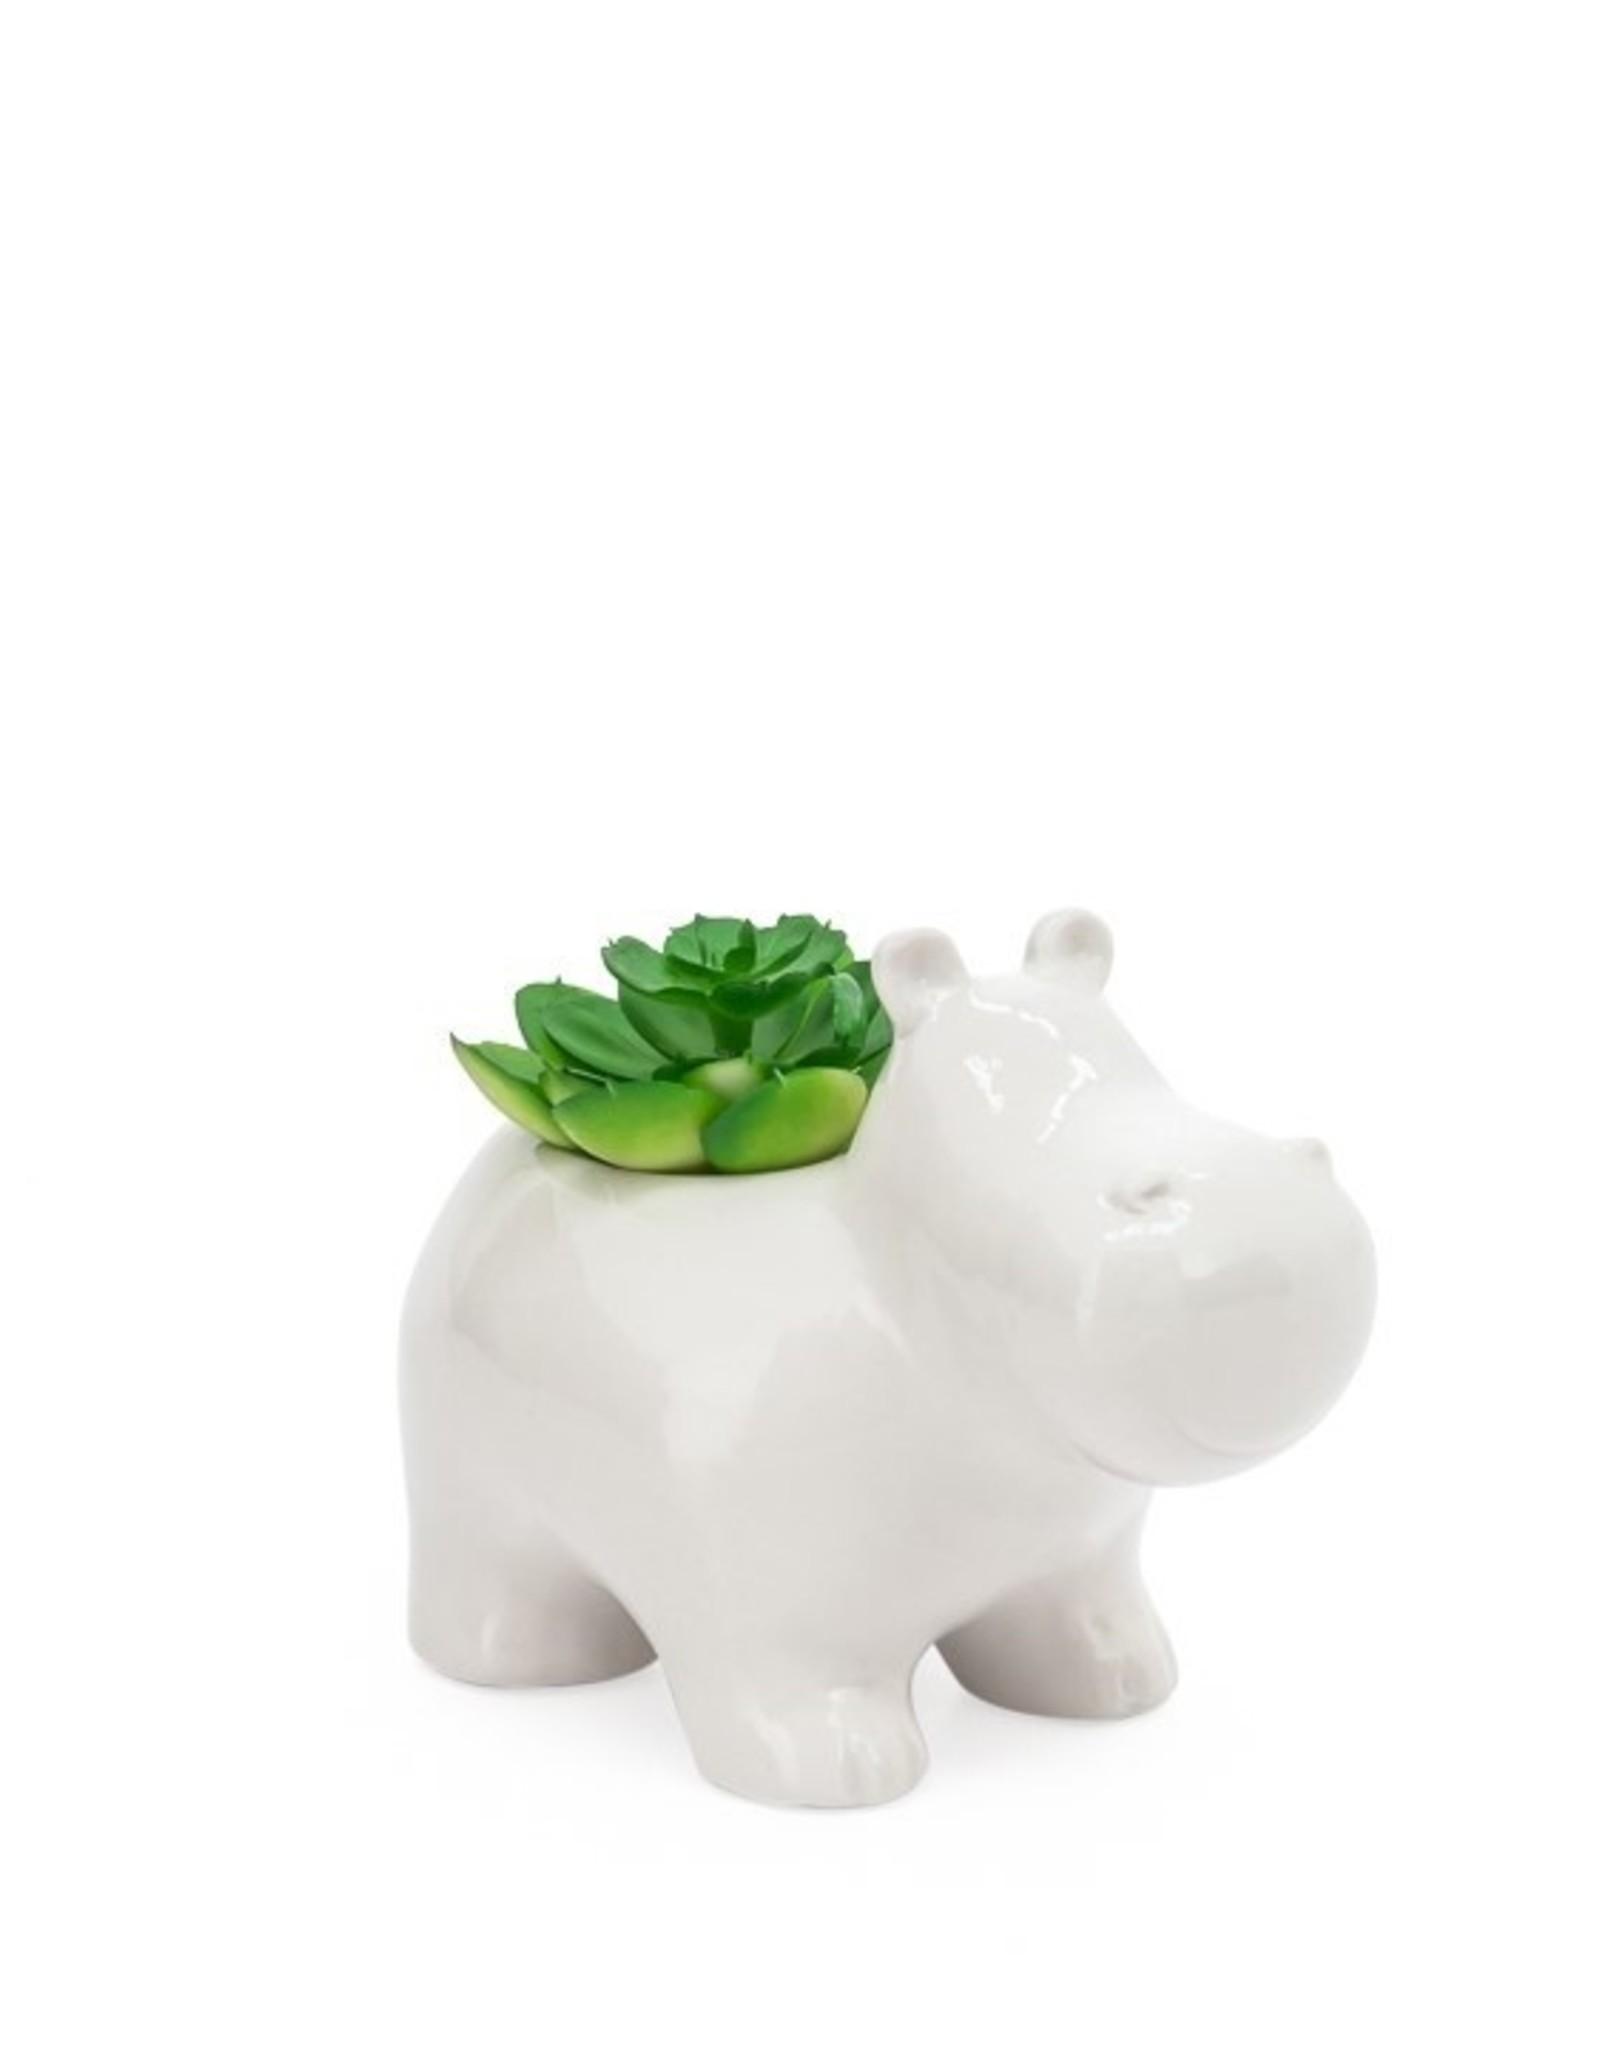 Planter Torre & Tagus Hippo White w/ Plant